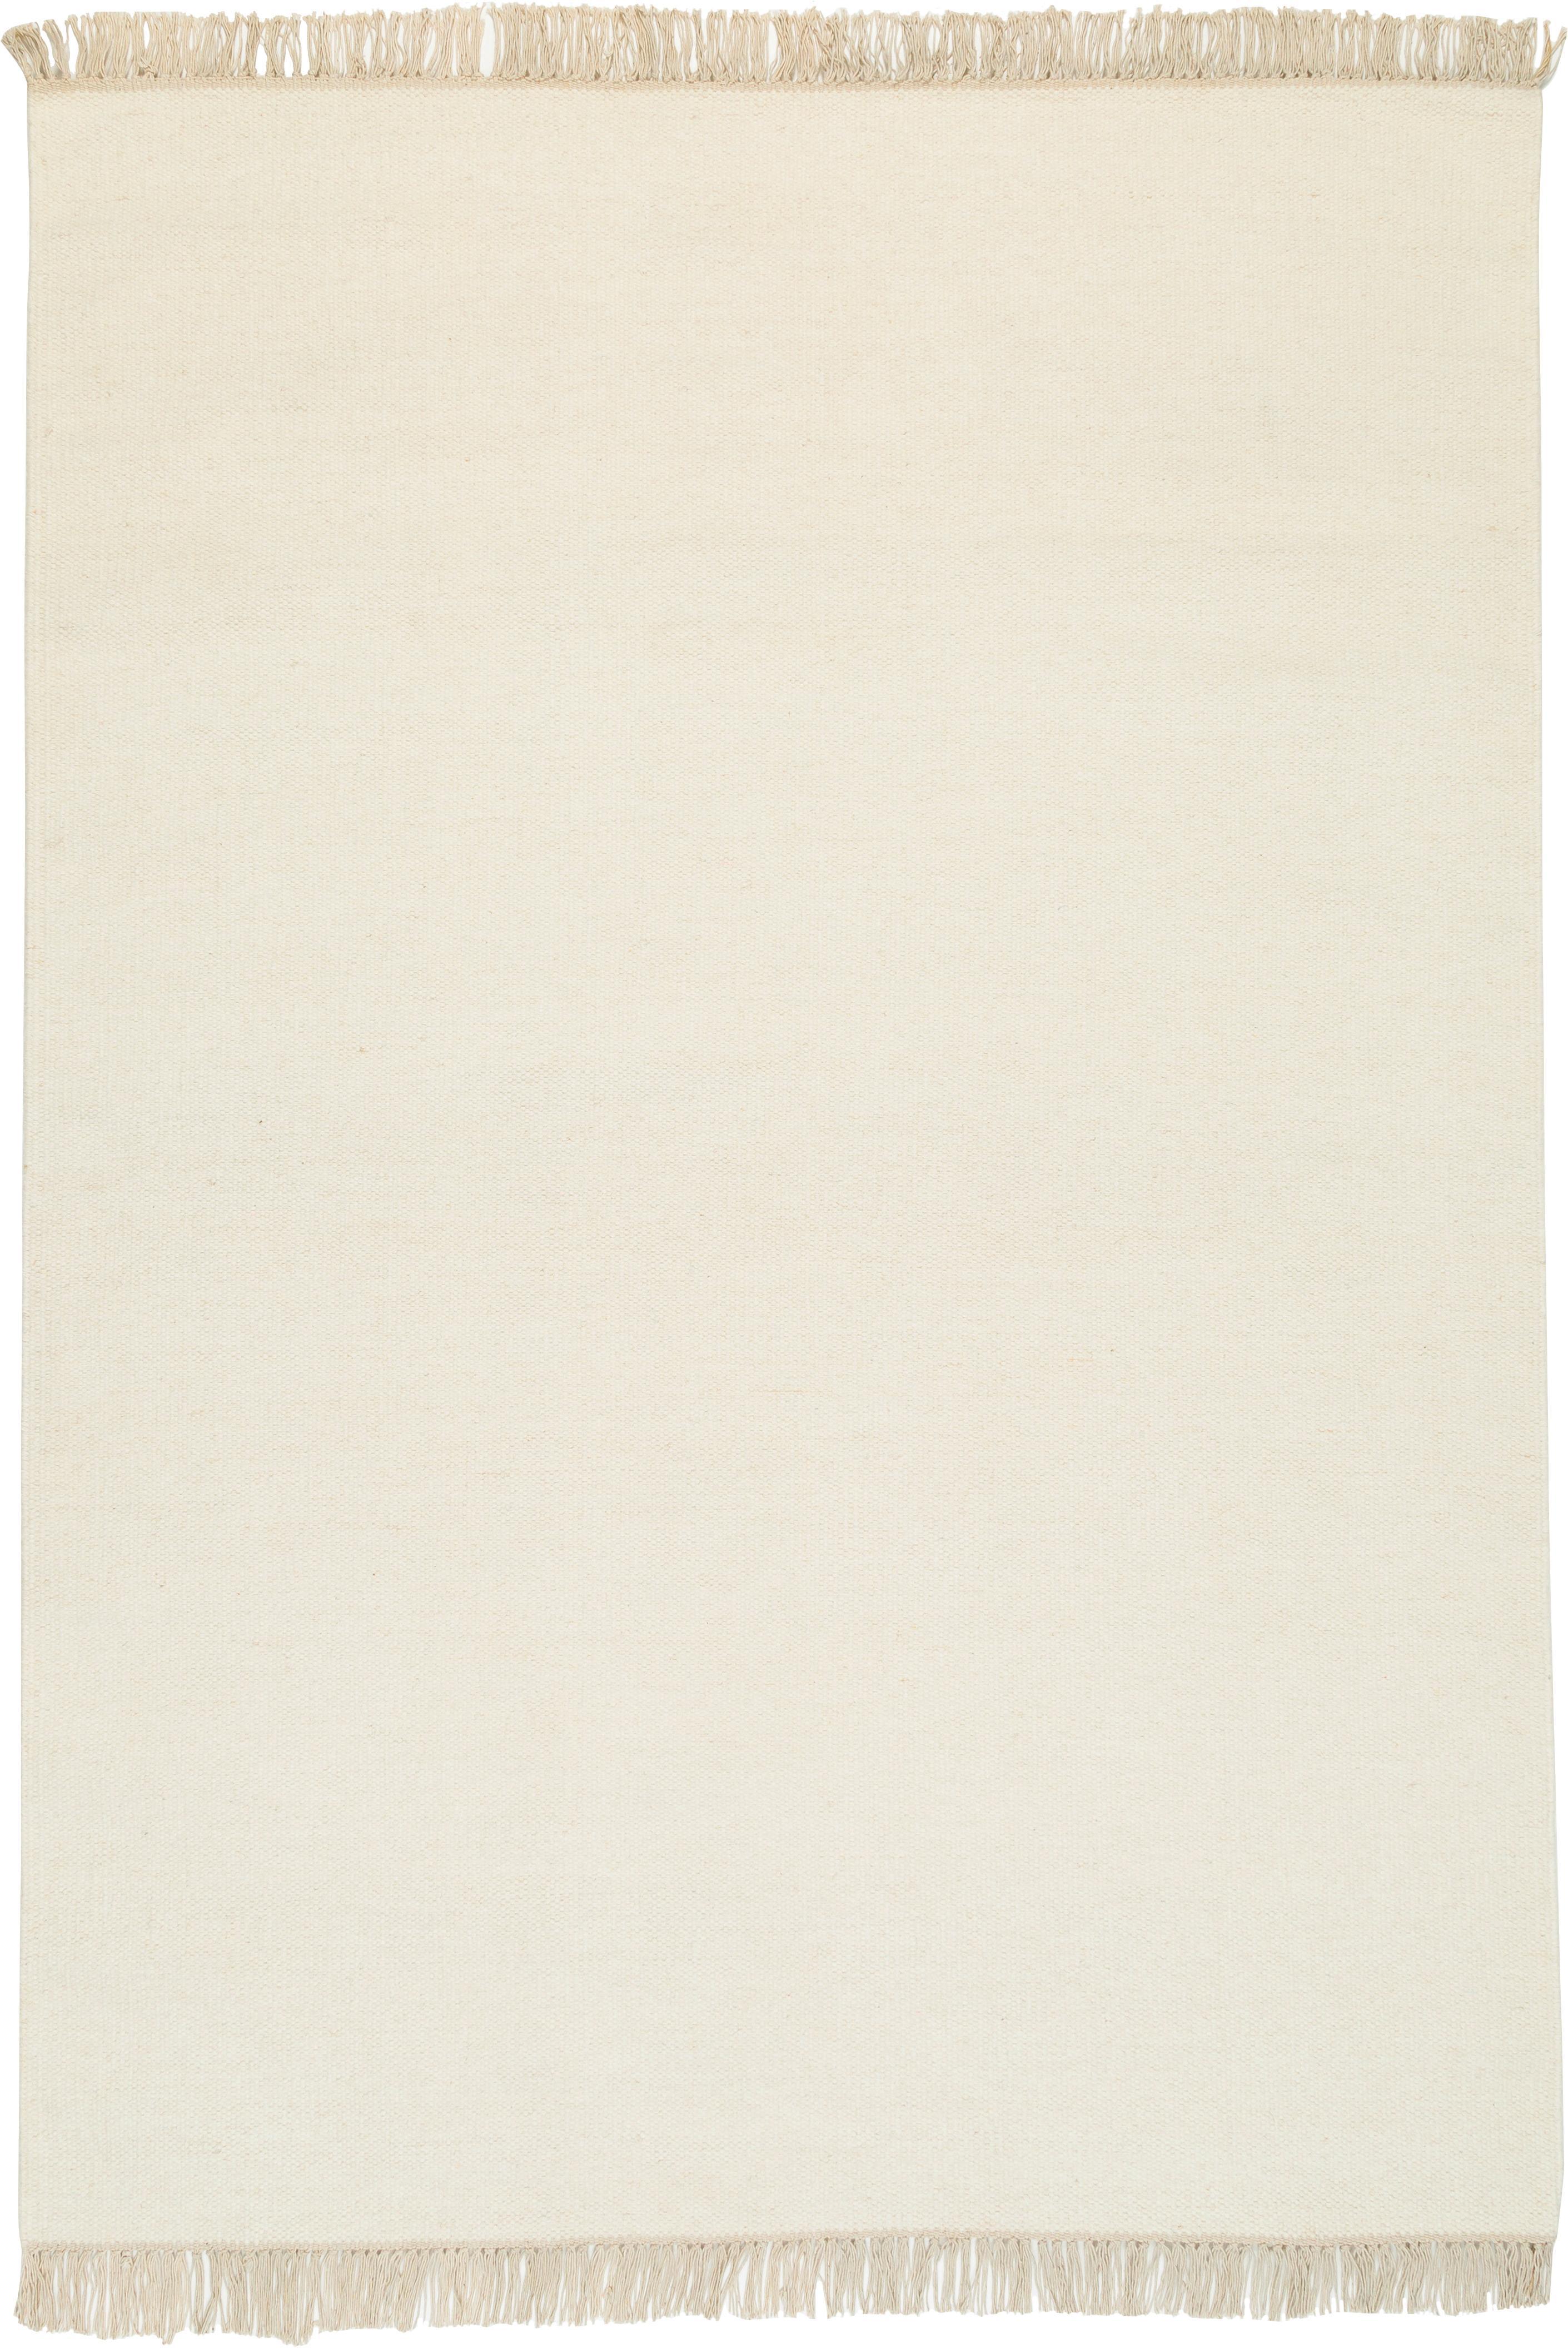 Tapis laine blanc cassé tissé main Rainbow, Tapis: blanc cassé Franges: beige